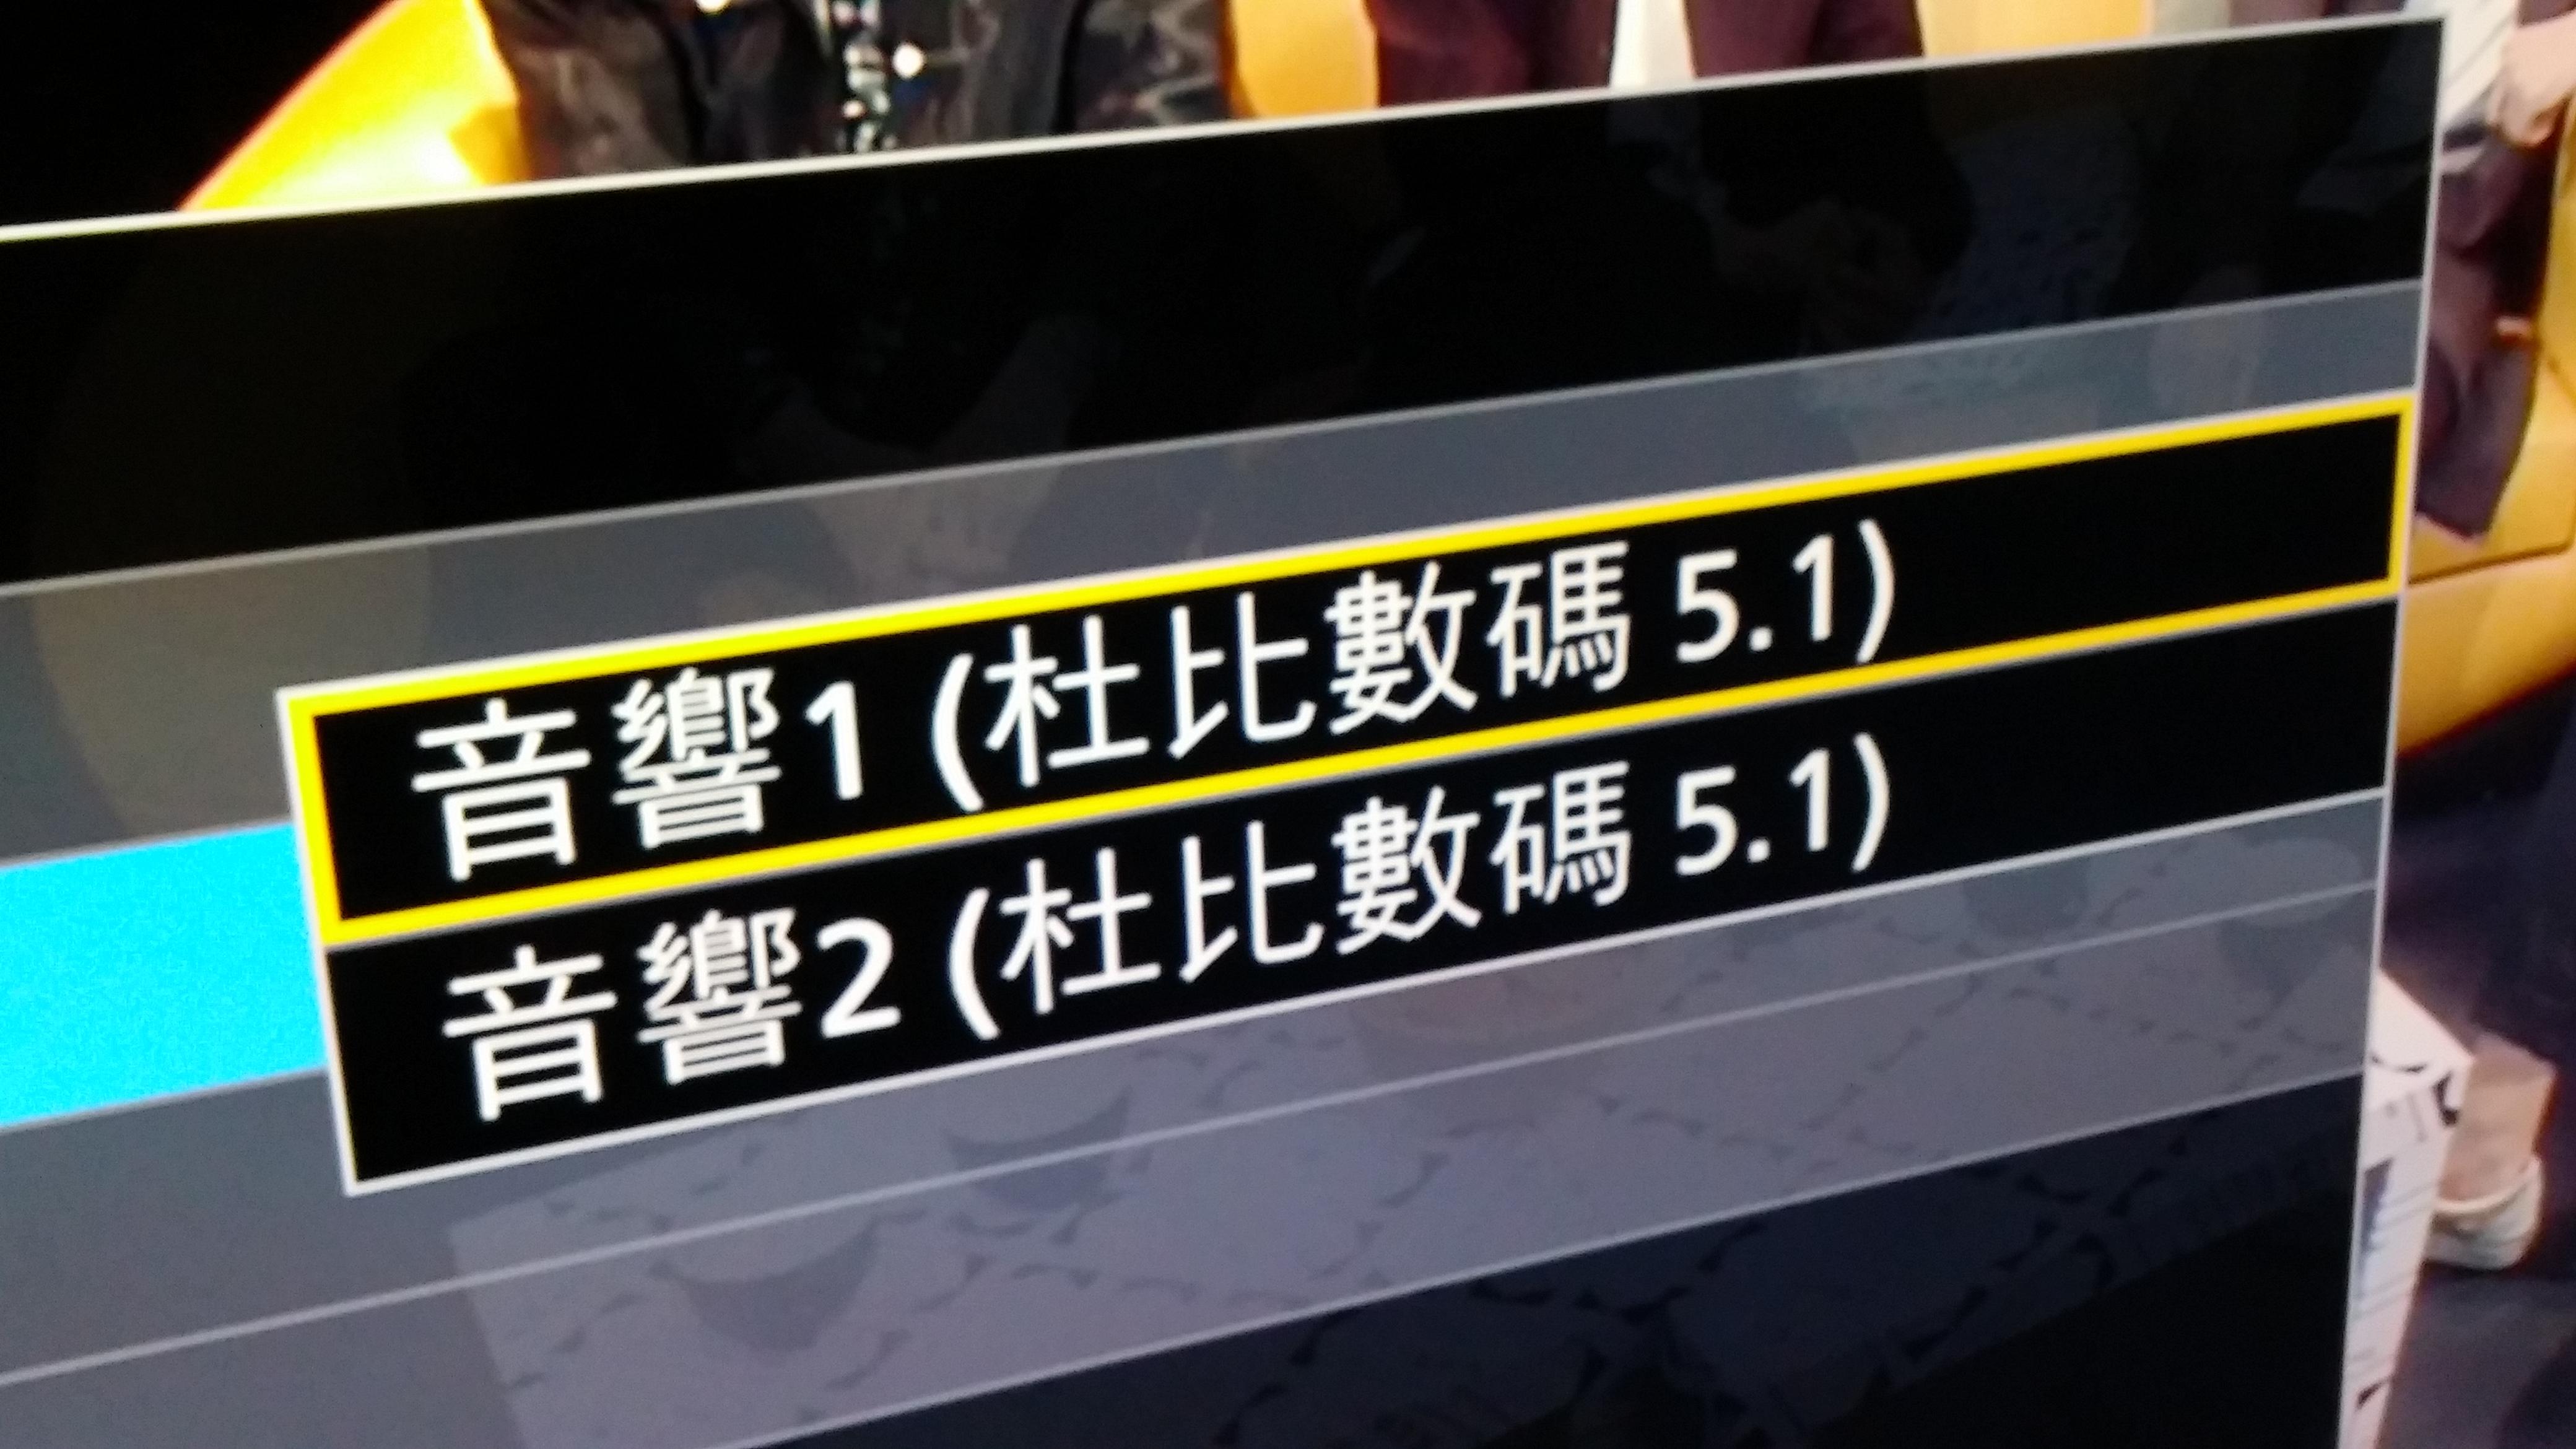 亞視真停播 港台模擬頻道順利啟播 ViuTV 數碼頻道亦已試播